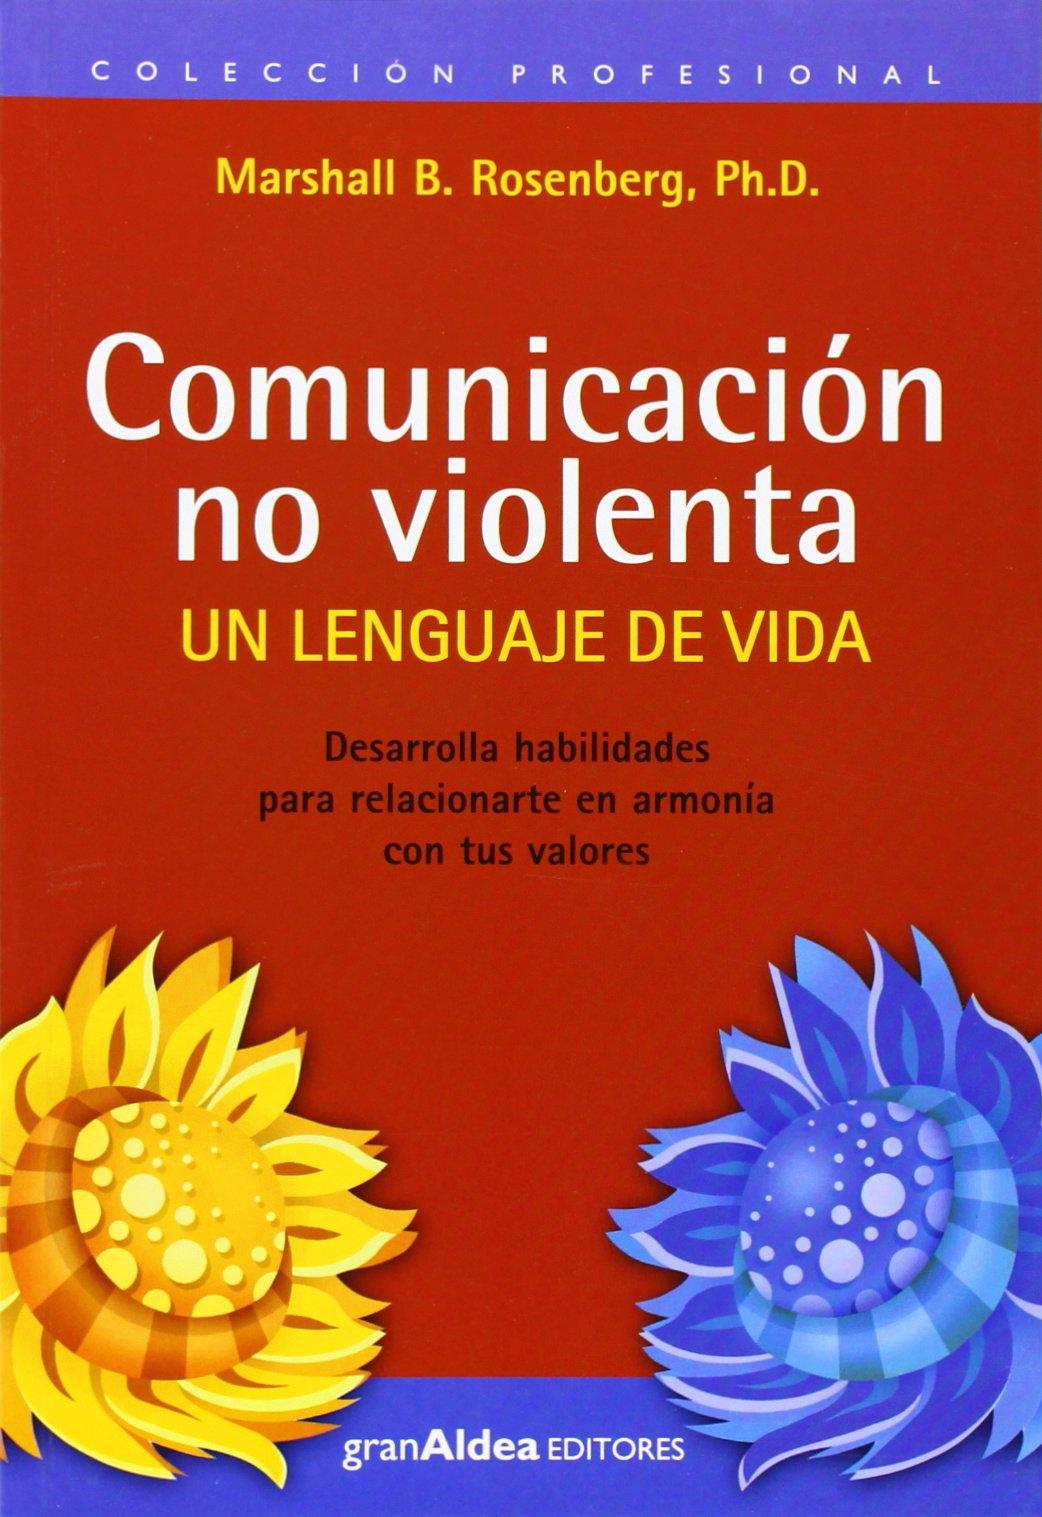 Comunicación no violenta. Un lenguaje de vida: Amazon.es: Marshall B.  Rosenberg: Libros